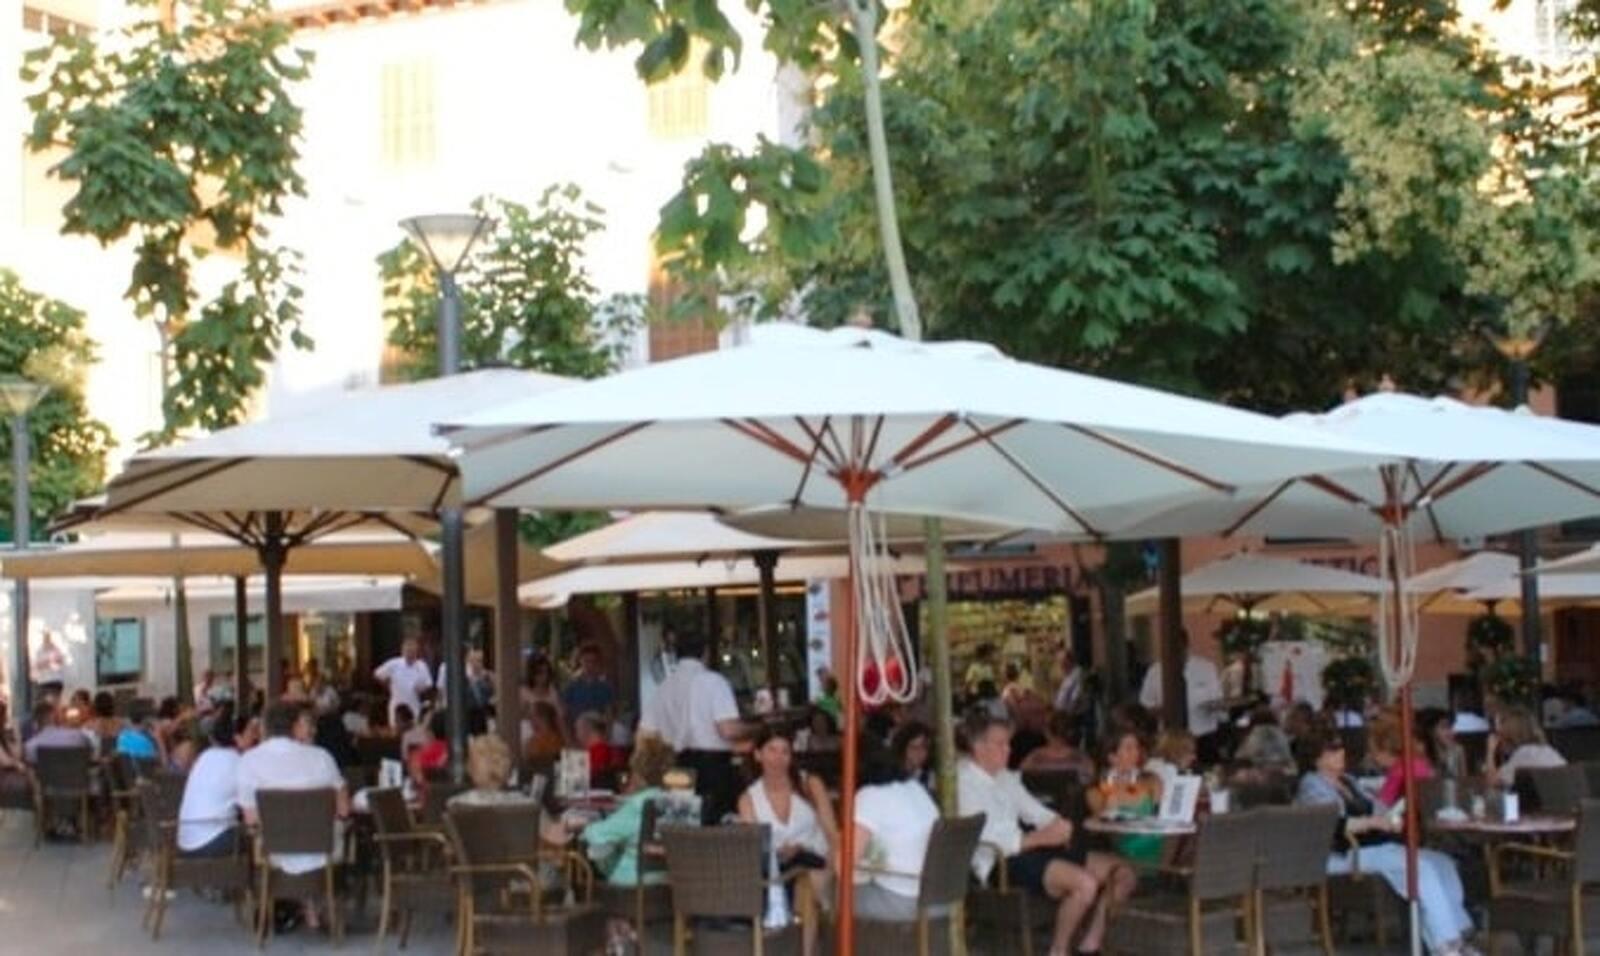 Les terrasses dels bars i restaurants comptaran, a partir d'ara, amb la possibilitat de generar la seva pròpia energia